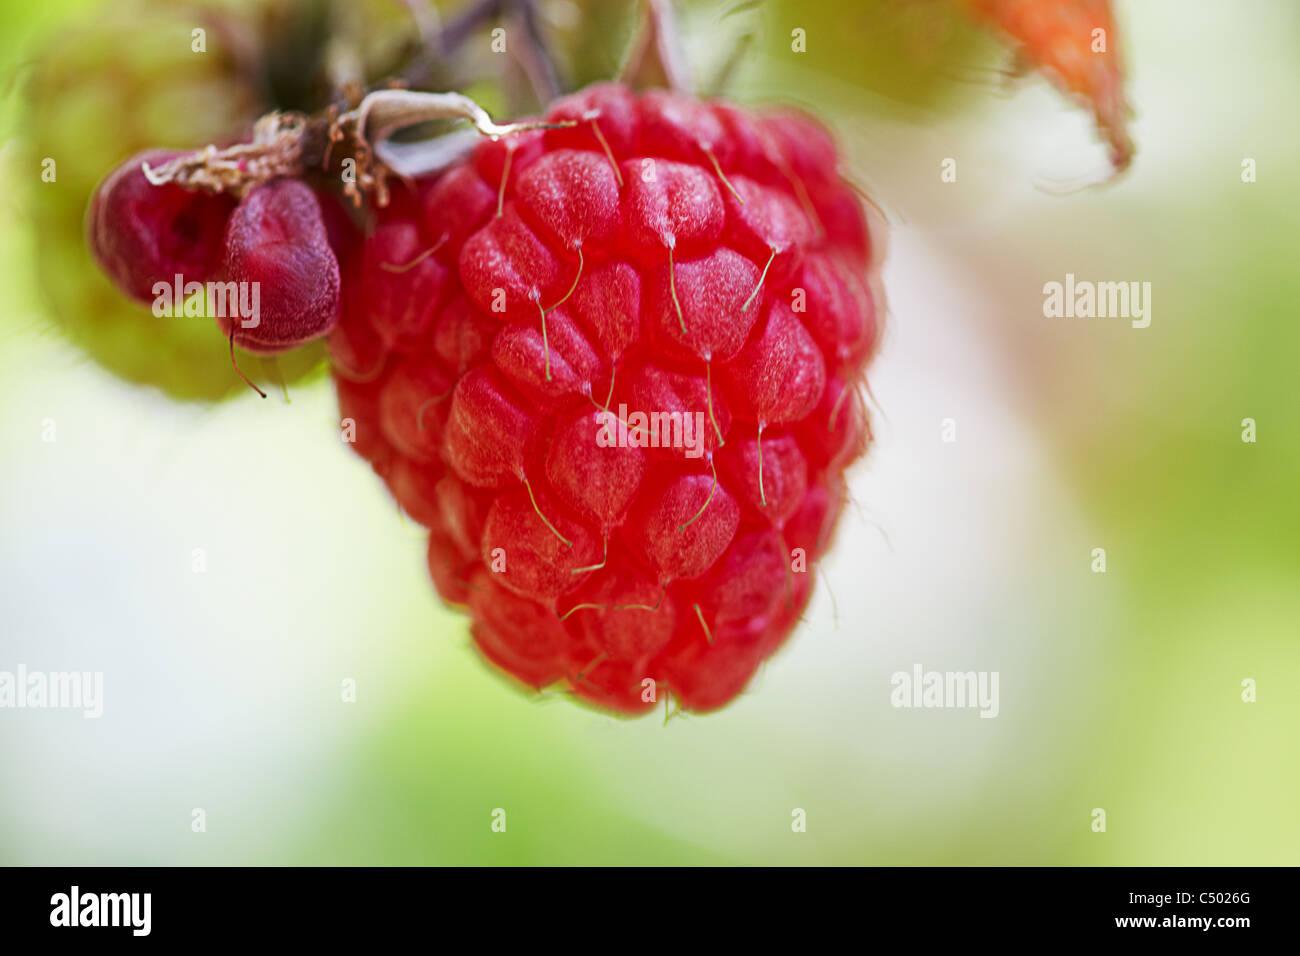 red ripe raspberries Stock Photo